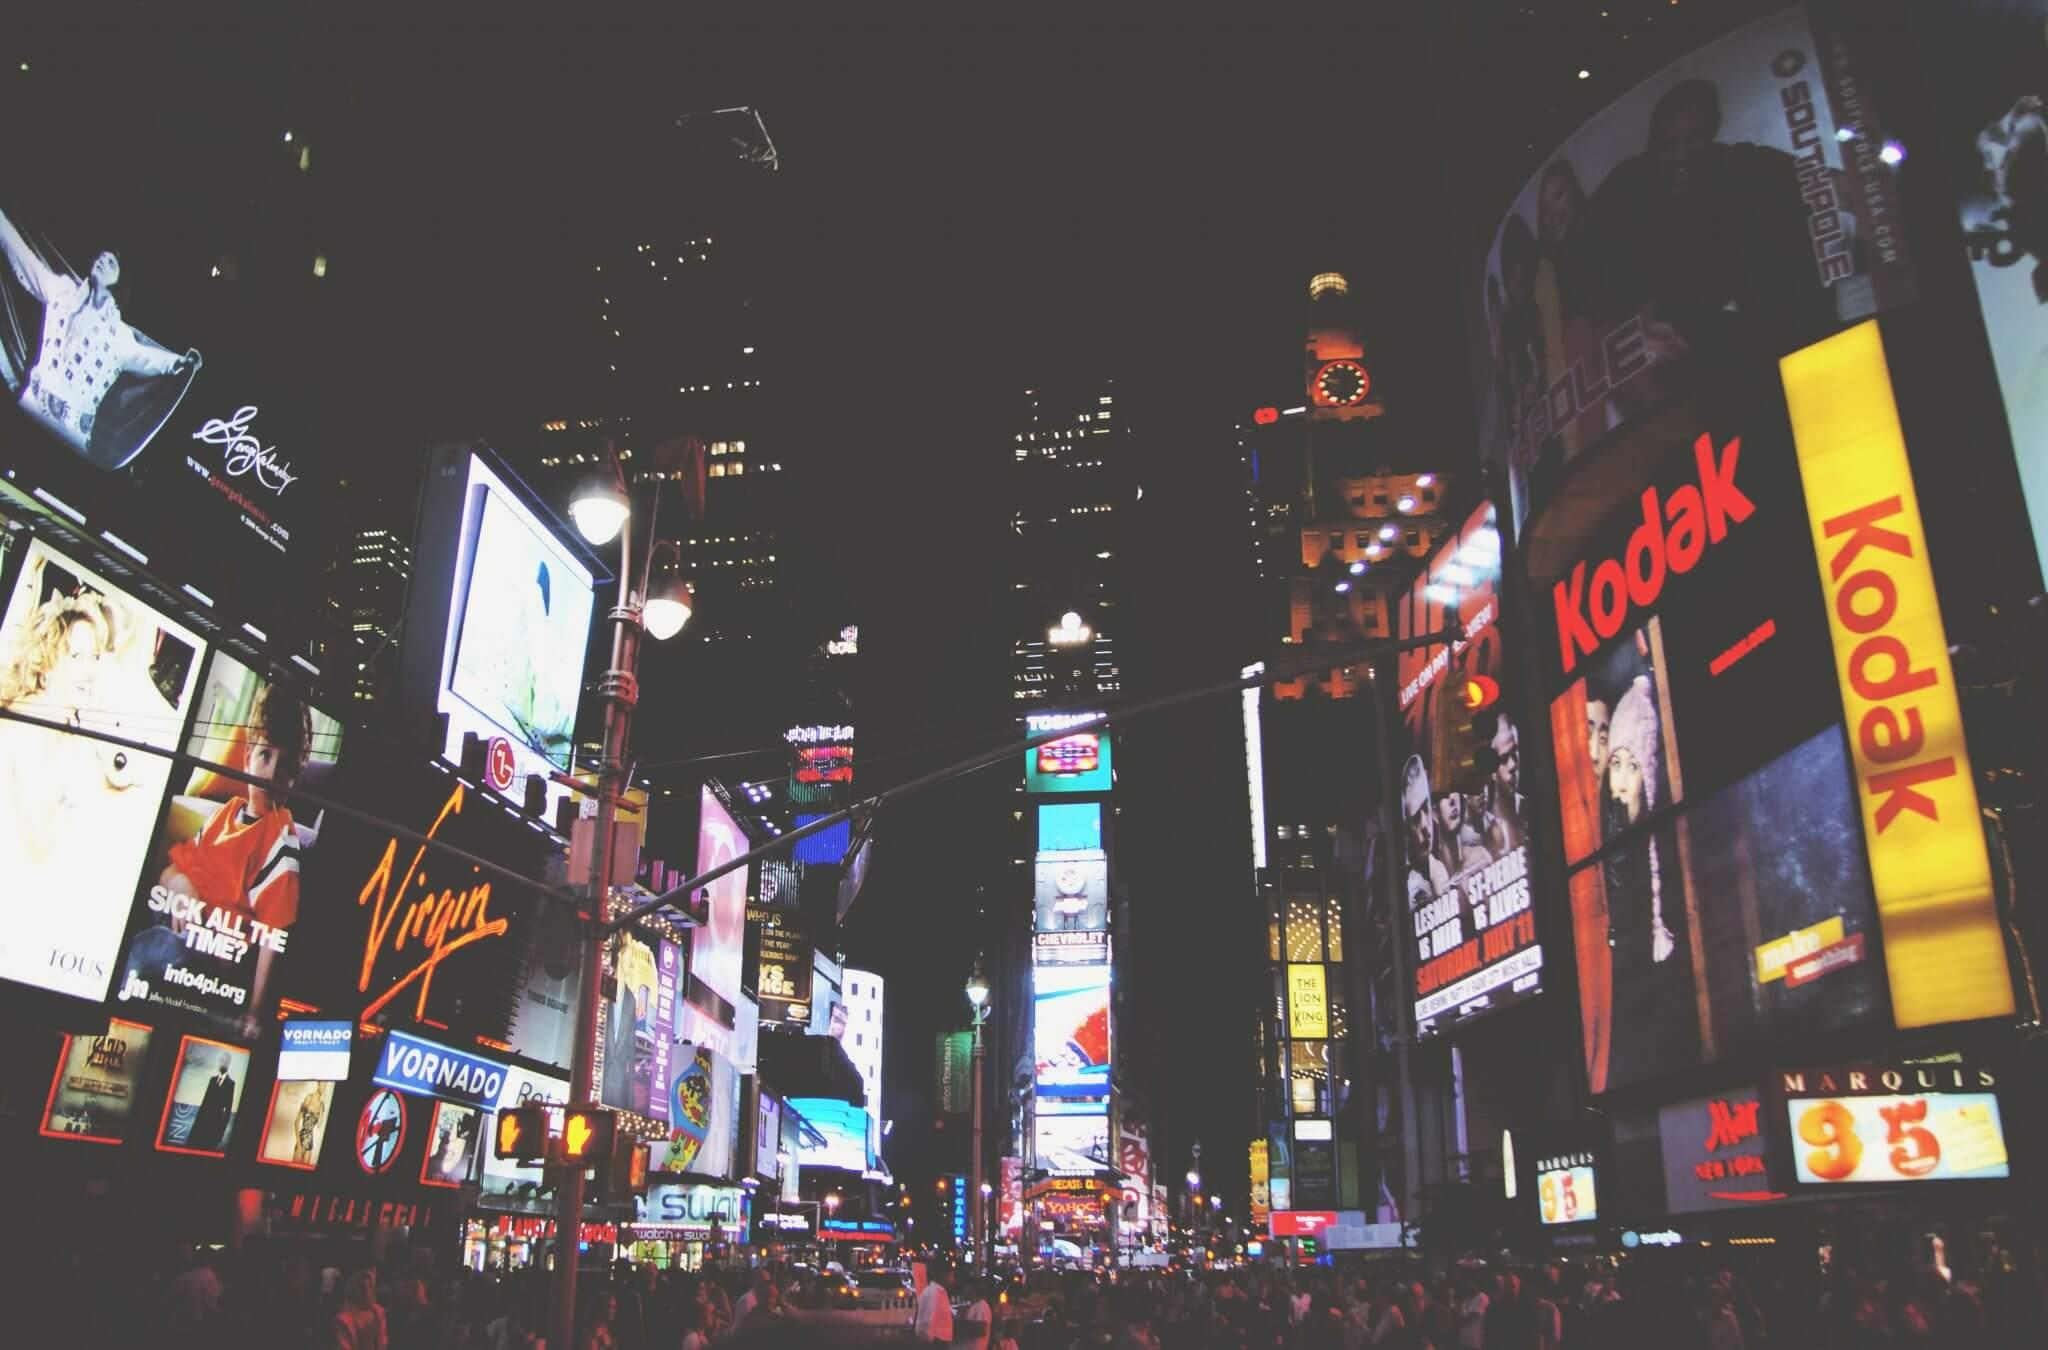 city marketing lights night1